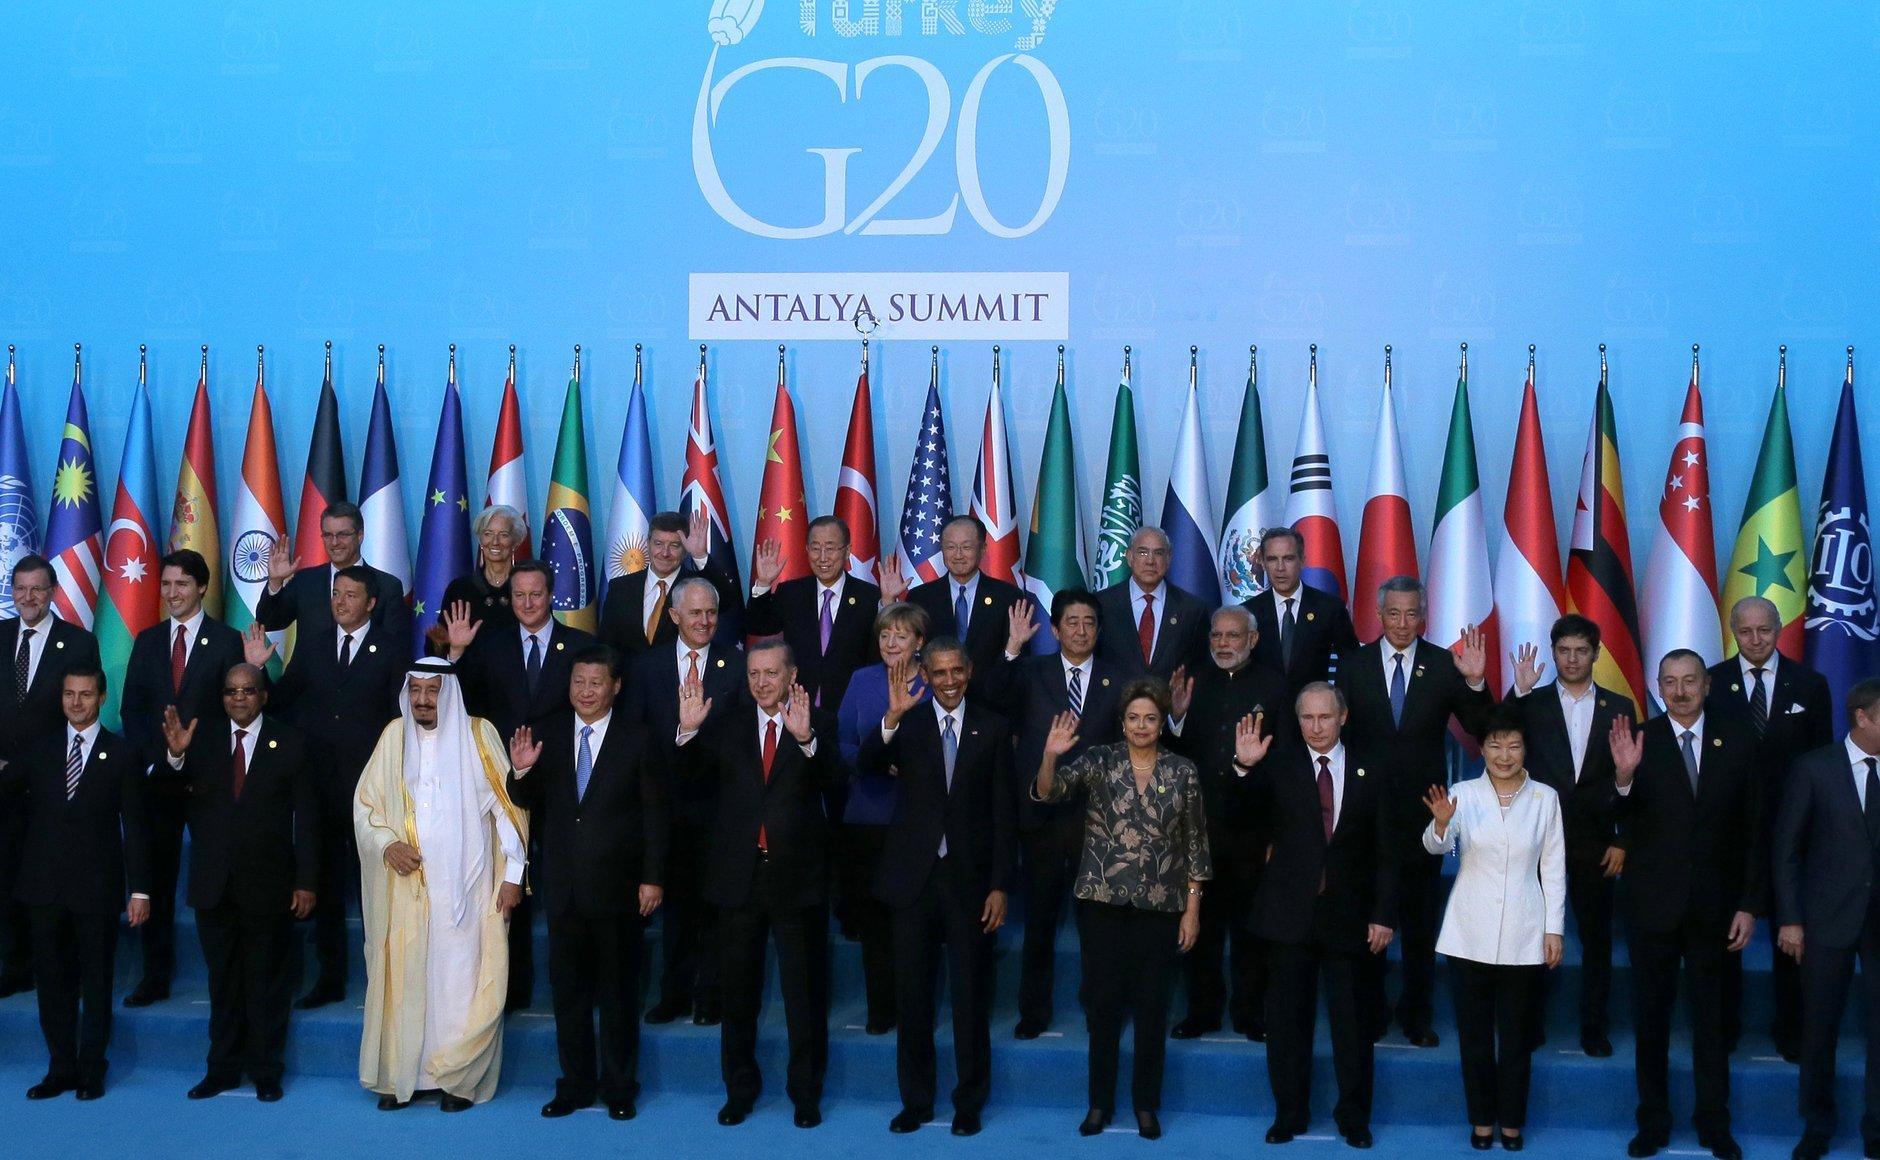 Власти Японии назвали дату проведения саммита G20